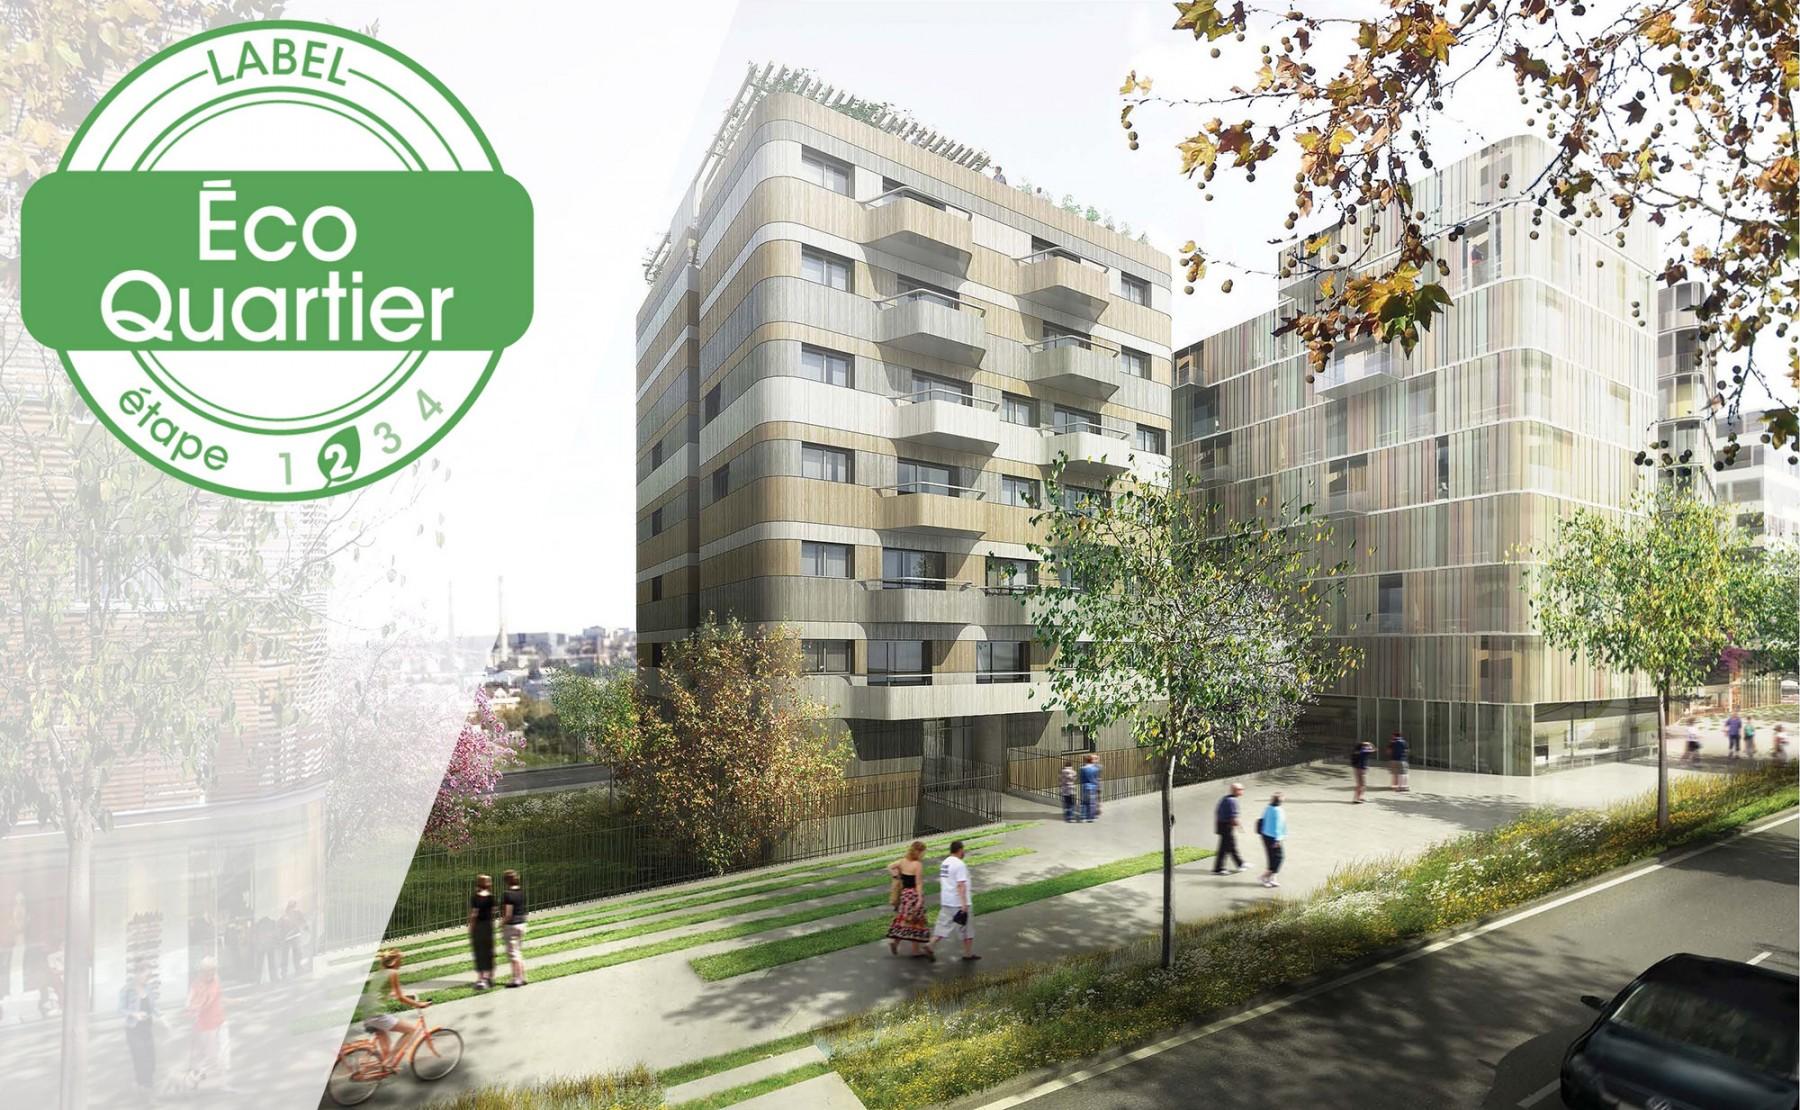 Labellisation EcoQuartier 2017 étape 2 de la ZAC Rouget de Lisle